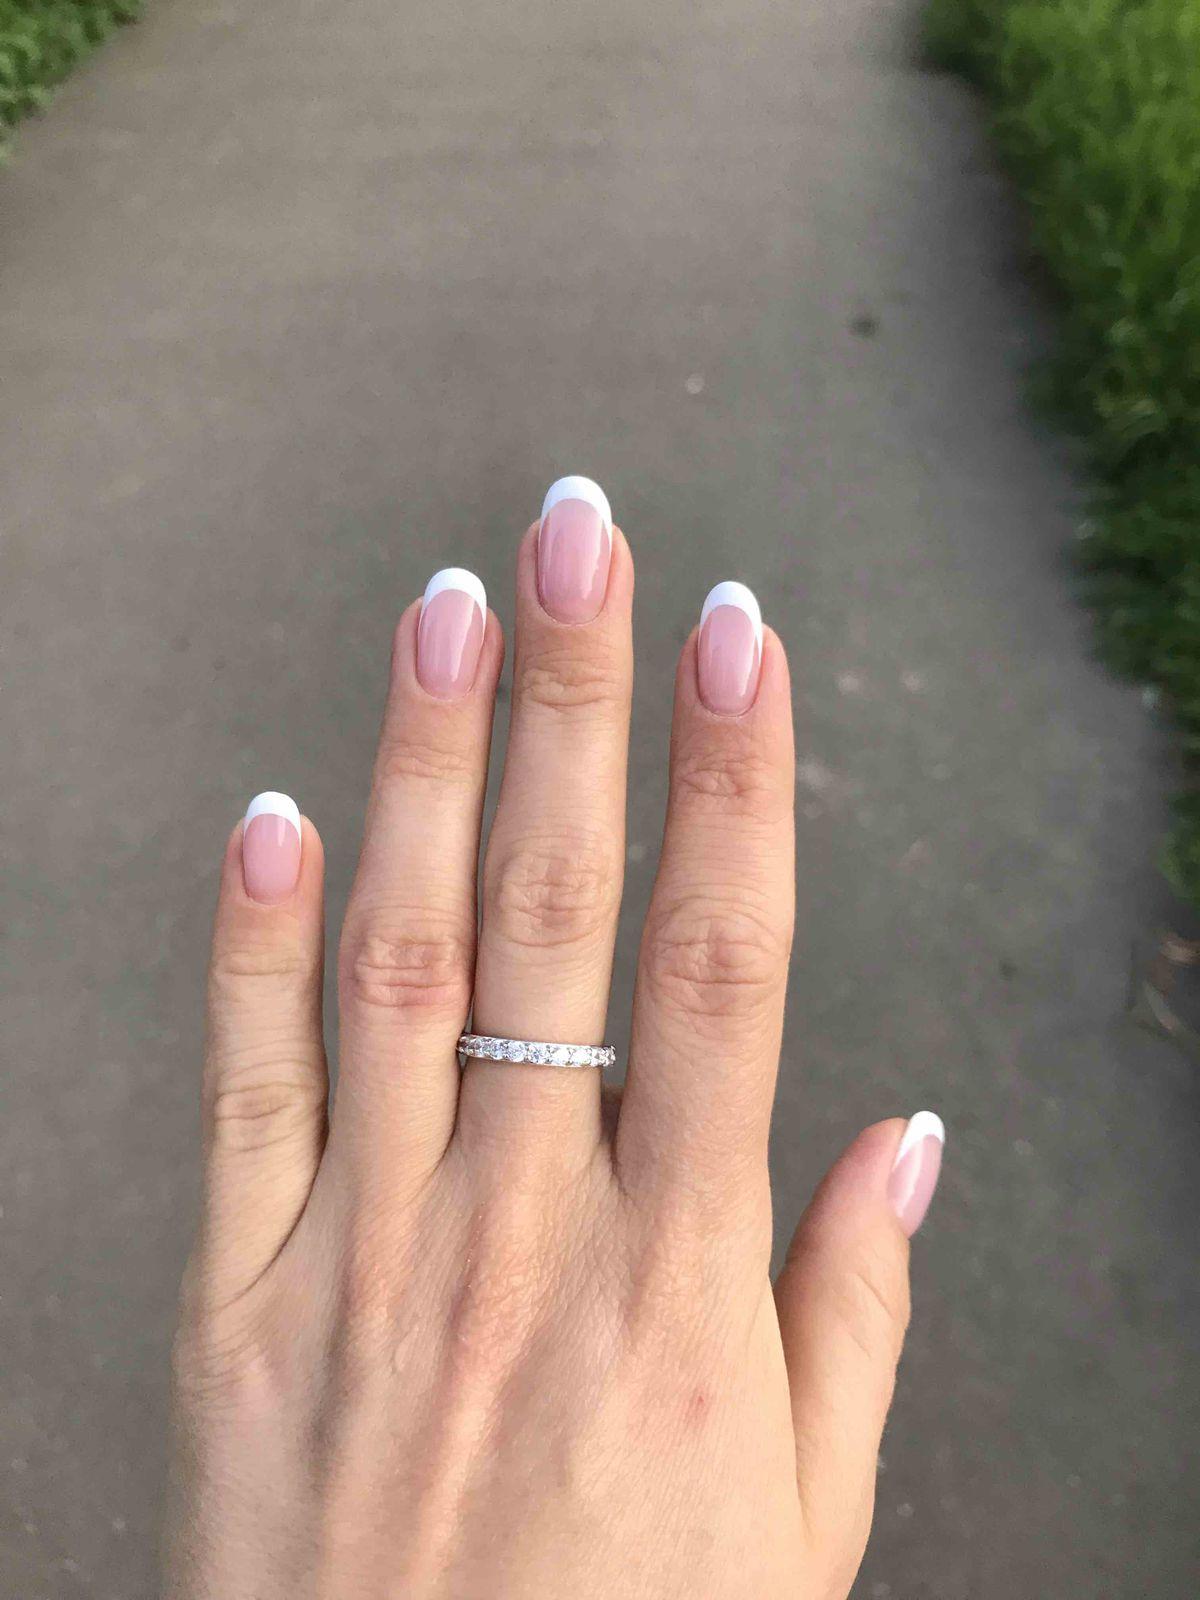 Безумно довольна покупкой! аккуратное, стильное, изящное кольцо!